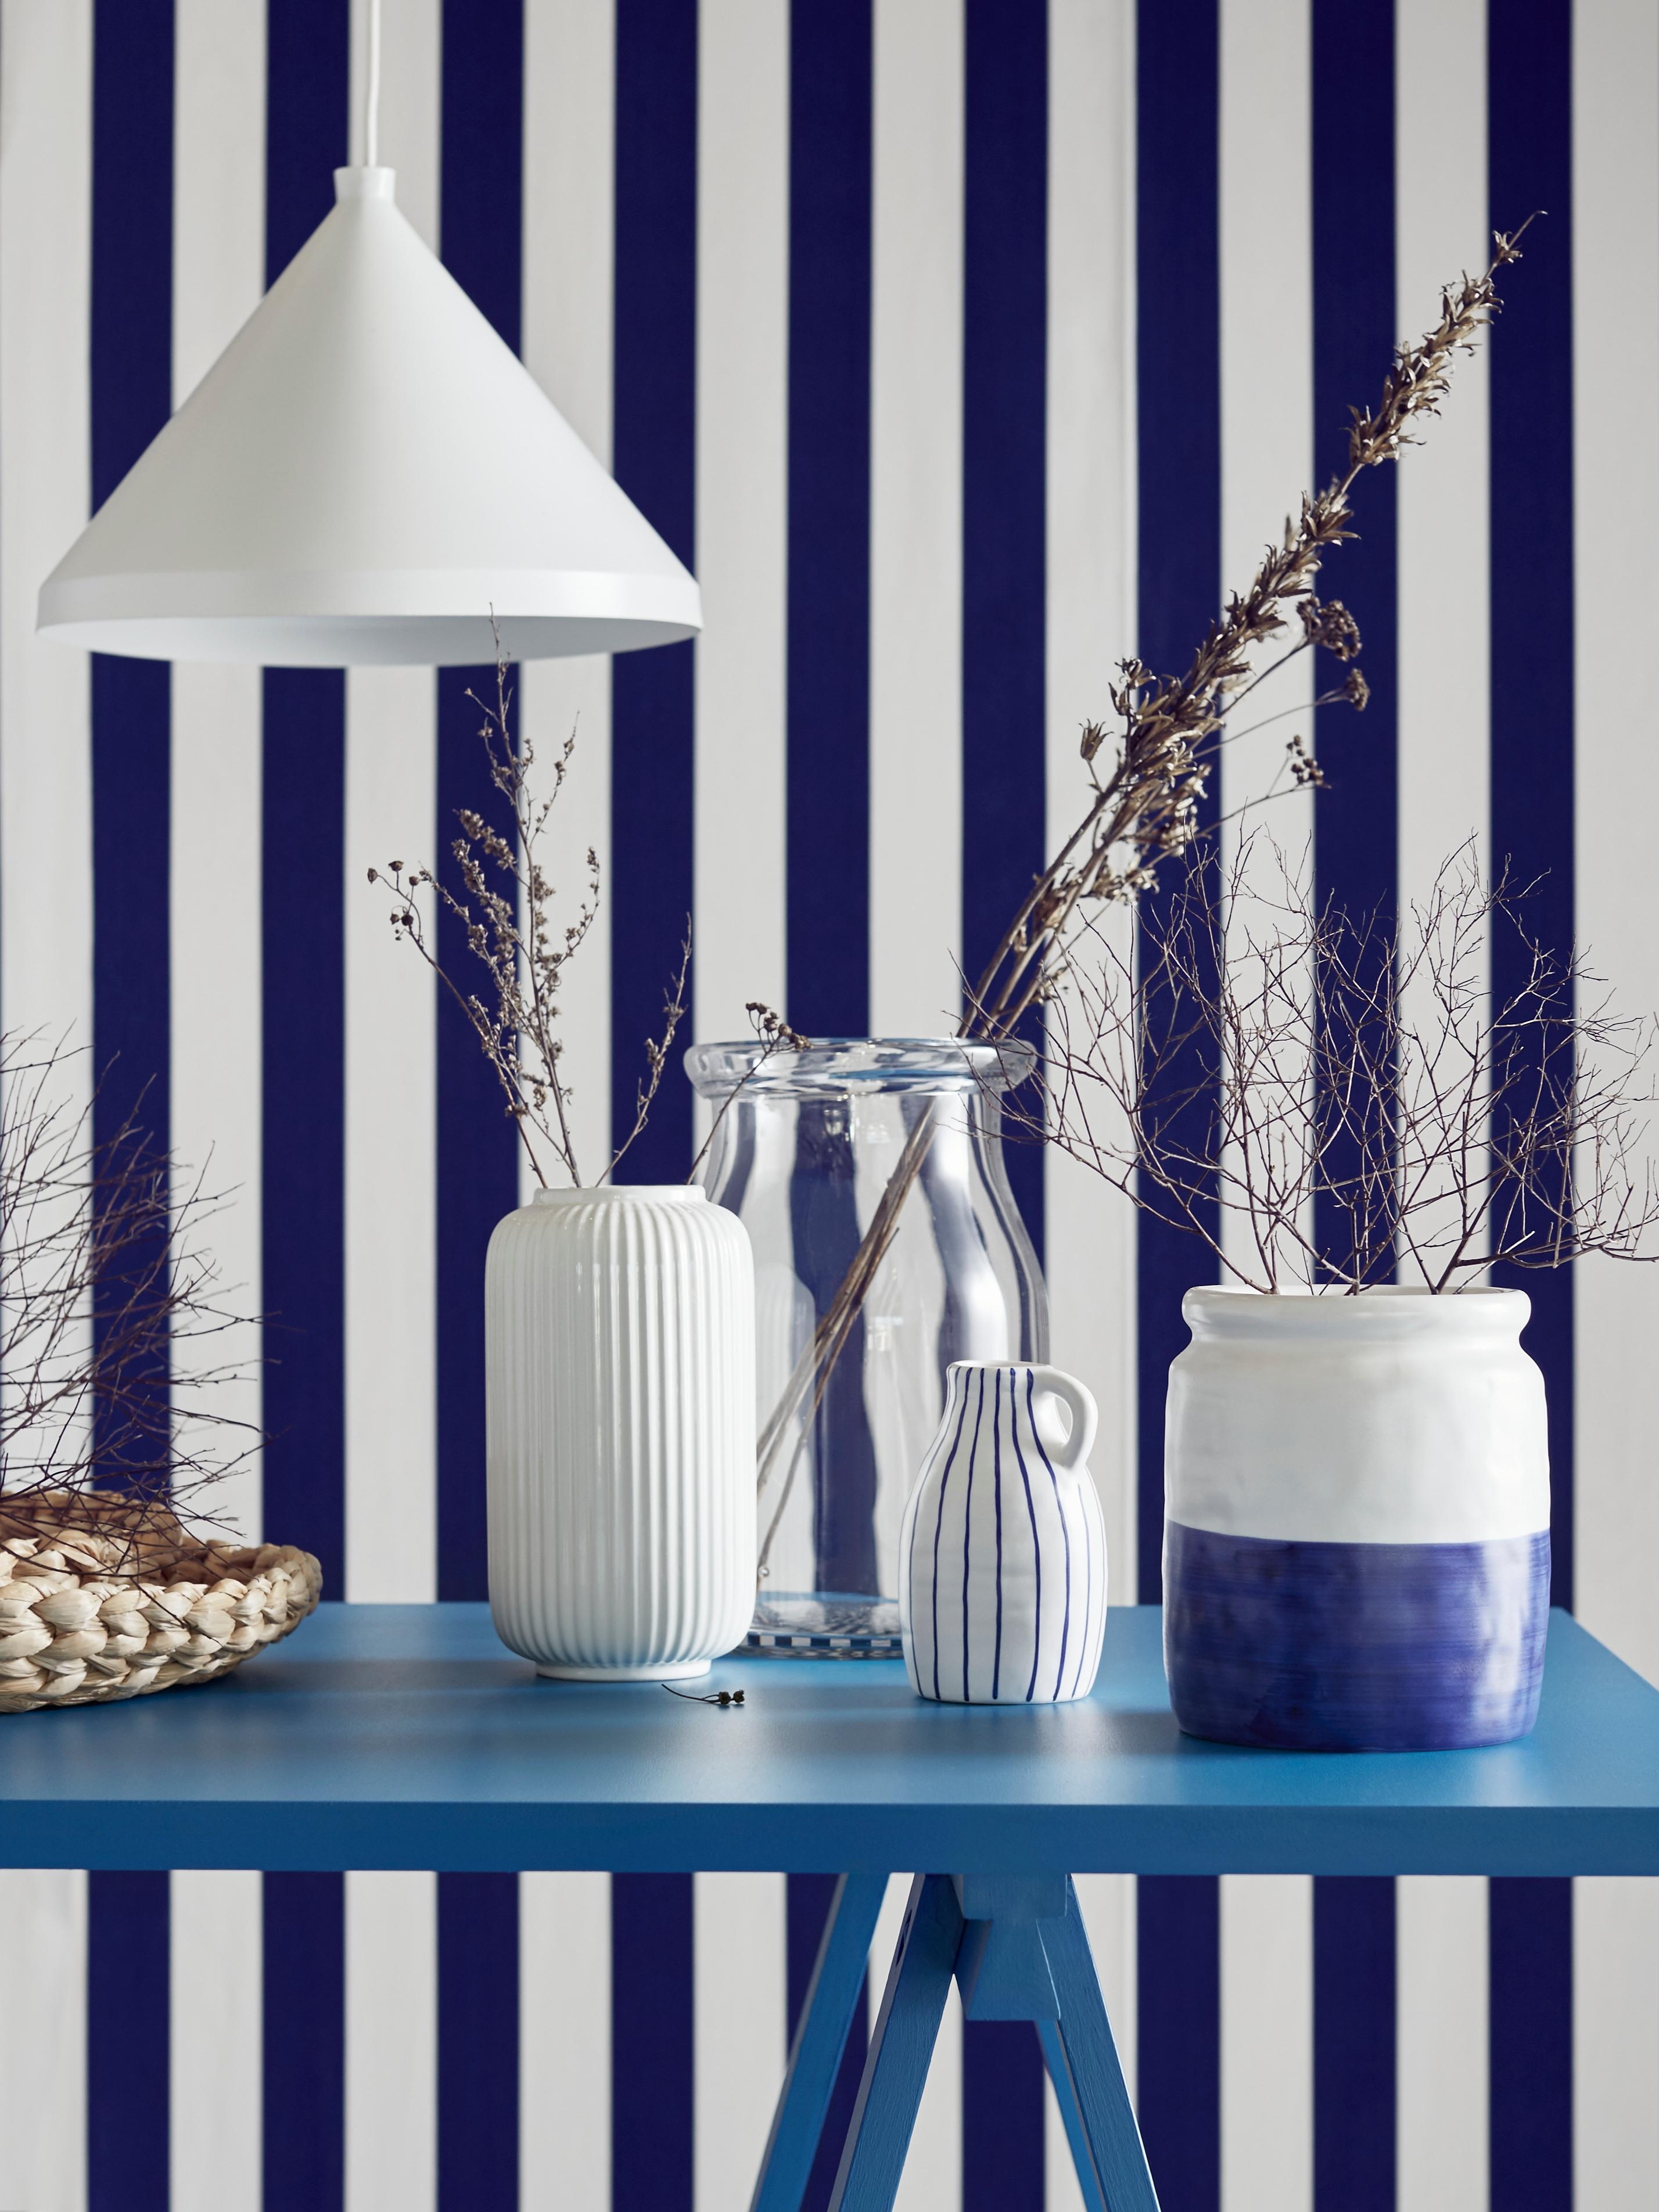 Tre vasi in ceramica bianchi e blu su un tavolo blu, con carta da parati a righe bianche e blu sullo sfondo.